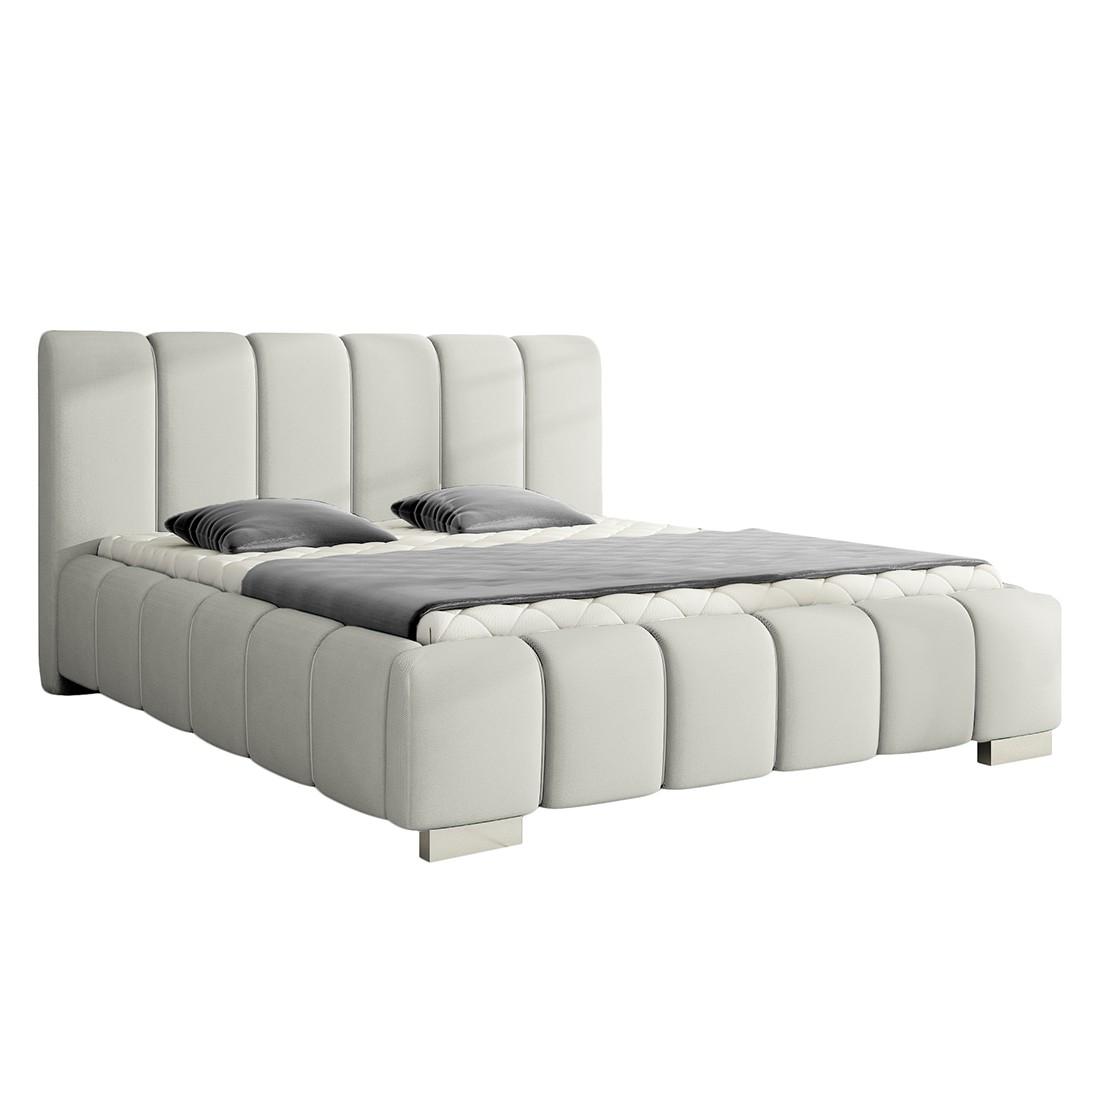 Gestoffeerd bed Lounge - geweven stof - 160 x 200cm - Grijs, roomscape